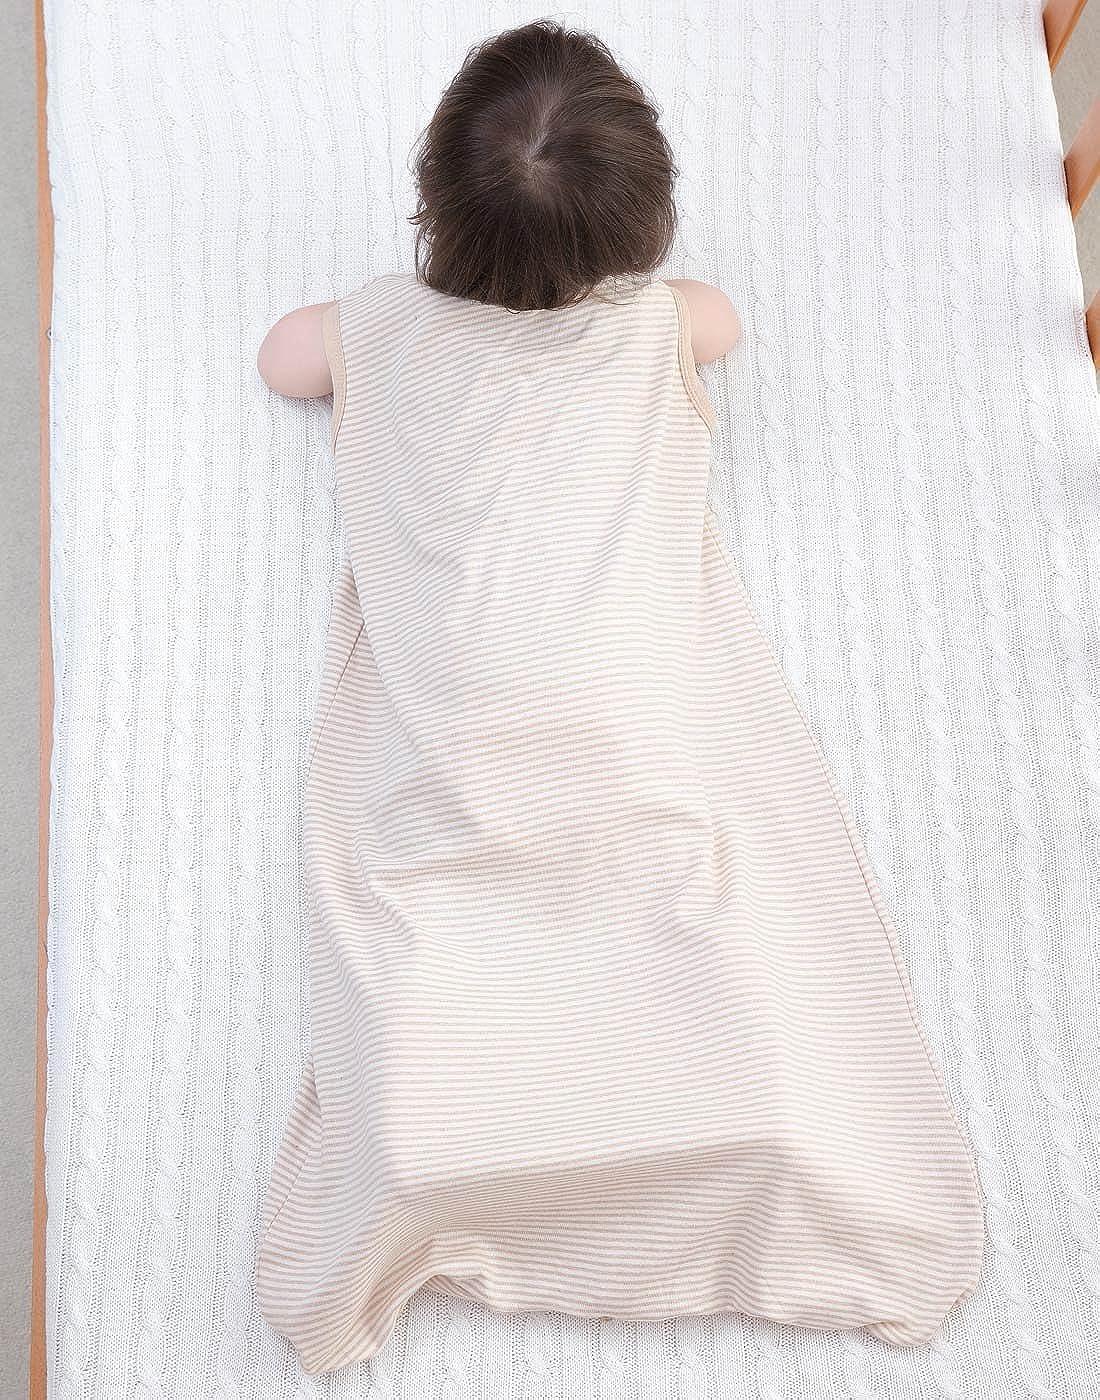 Saco de Dormir para Beb/és de Verano sin Mangas de Algod/ón Bolsa de Dormir para Ni/ños con Tres Aberturas Transpirable Slepping Bag beb/é Marr/ón 5-36 Meses Happy Cherry